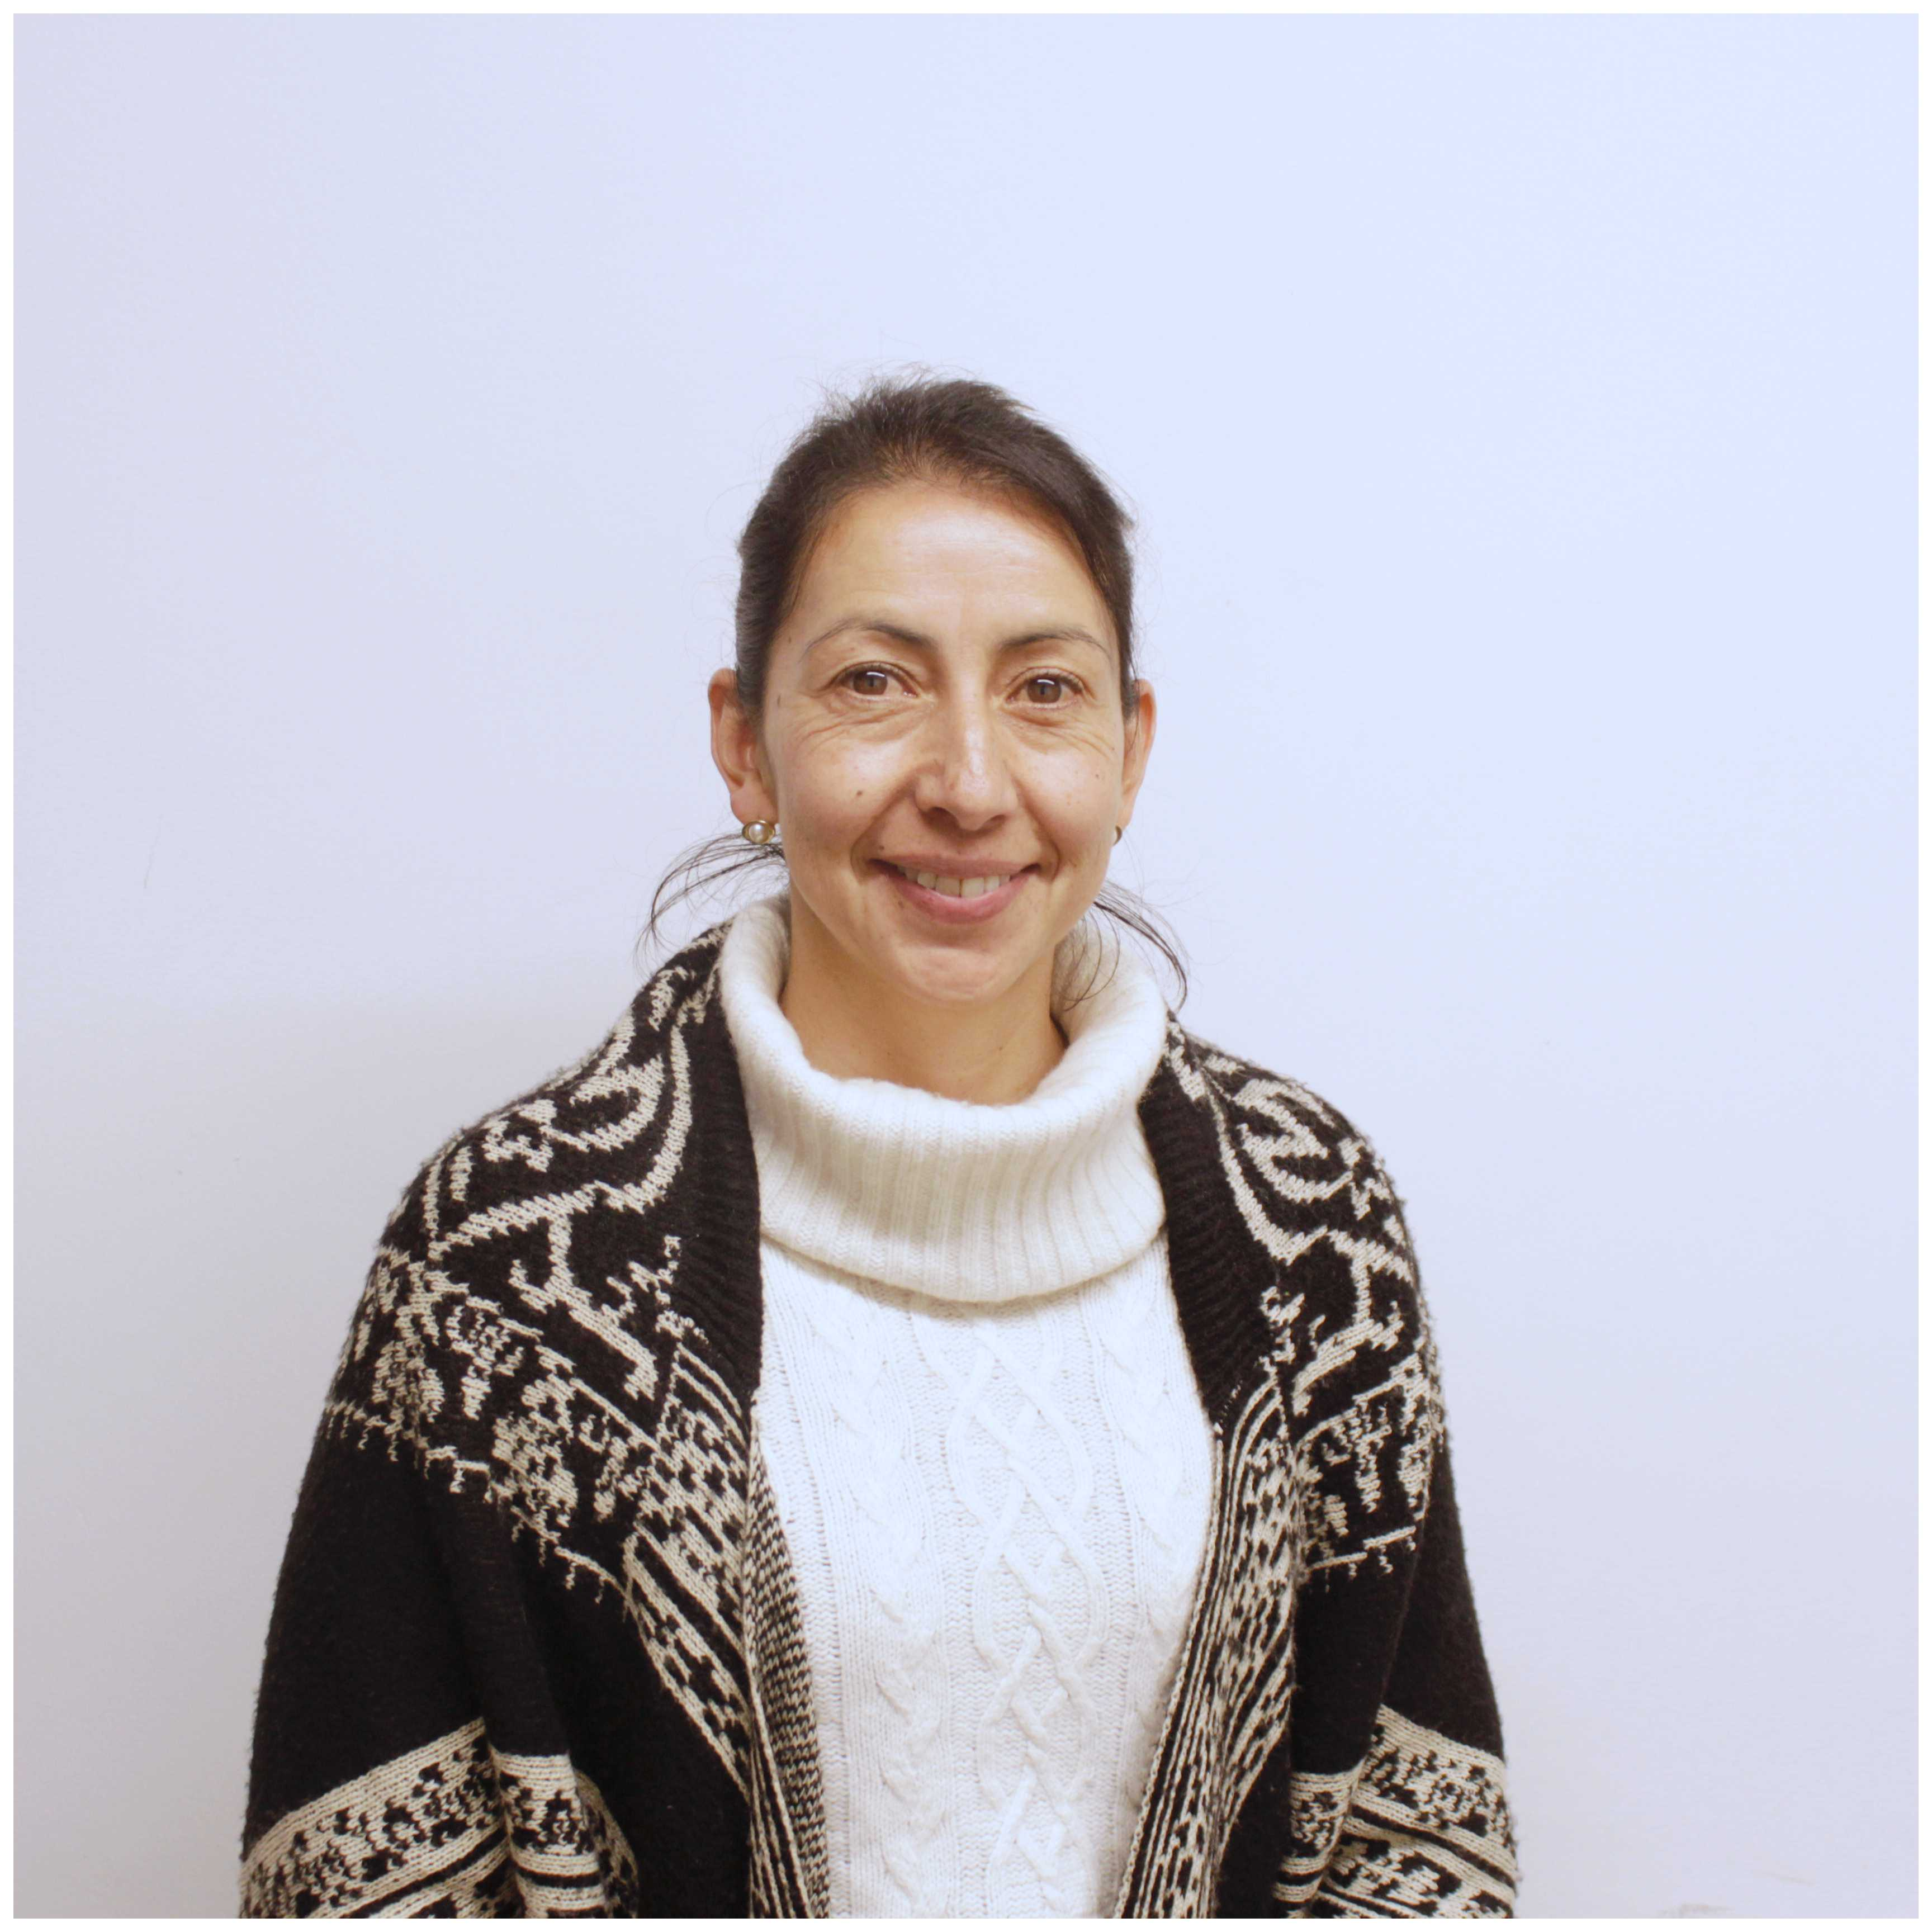 Mónica Granados